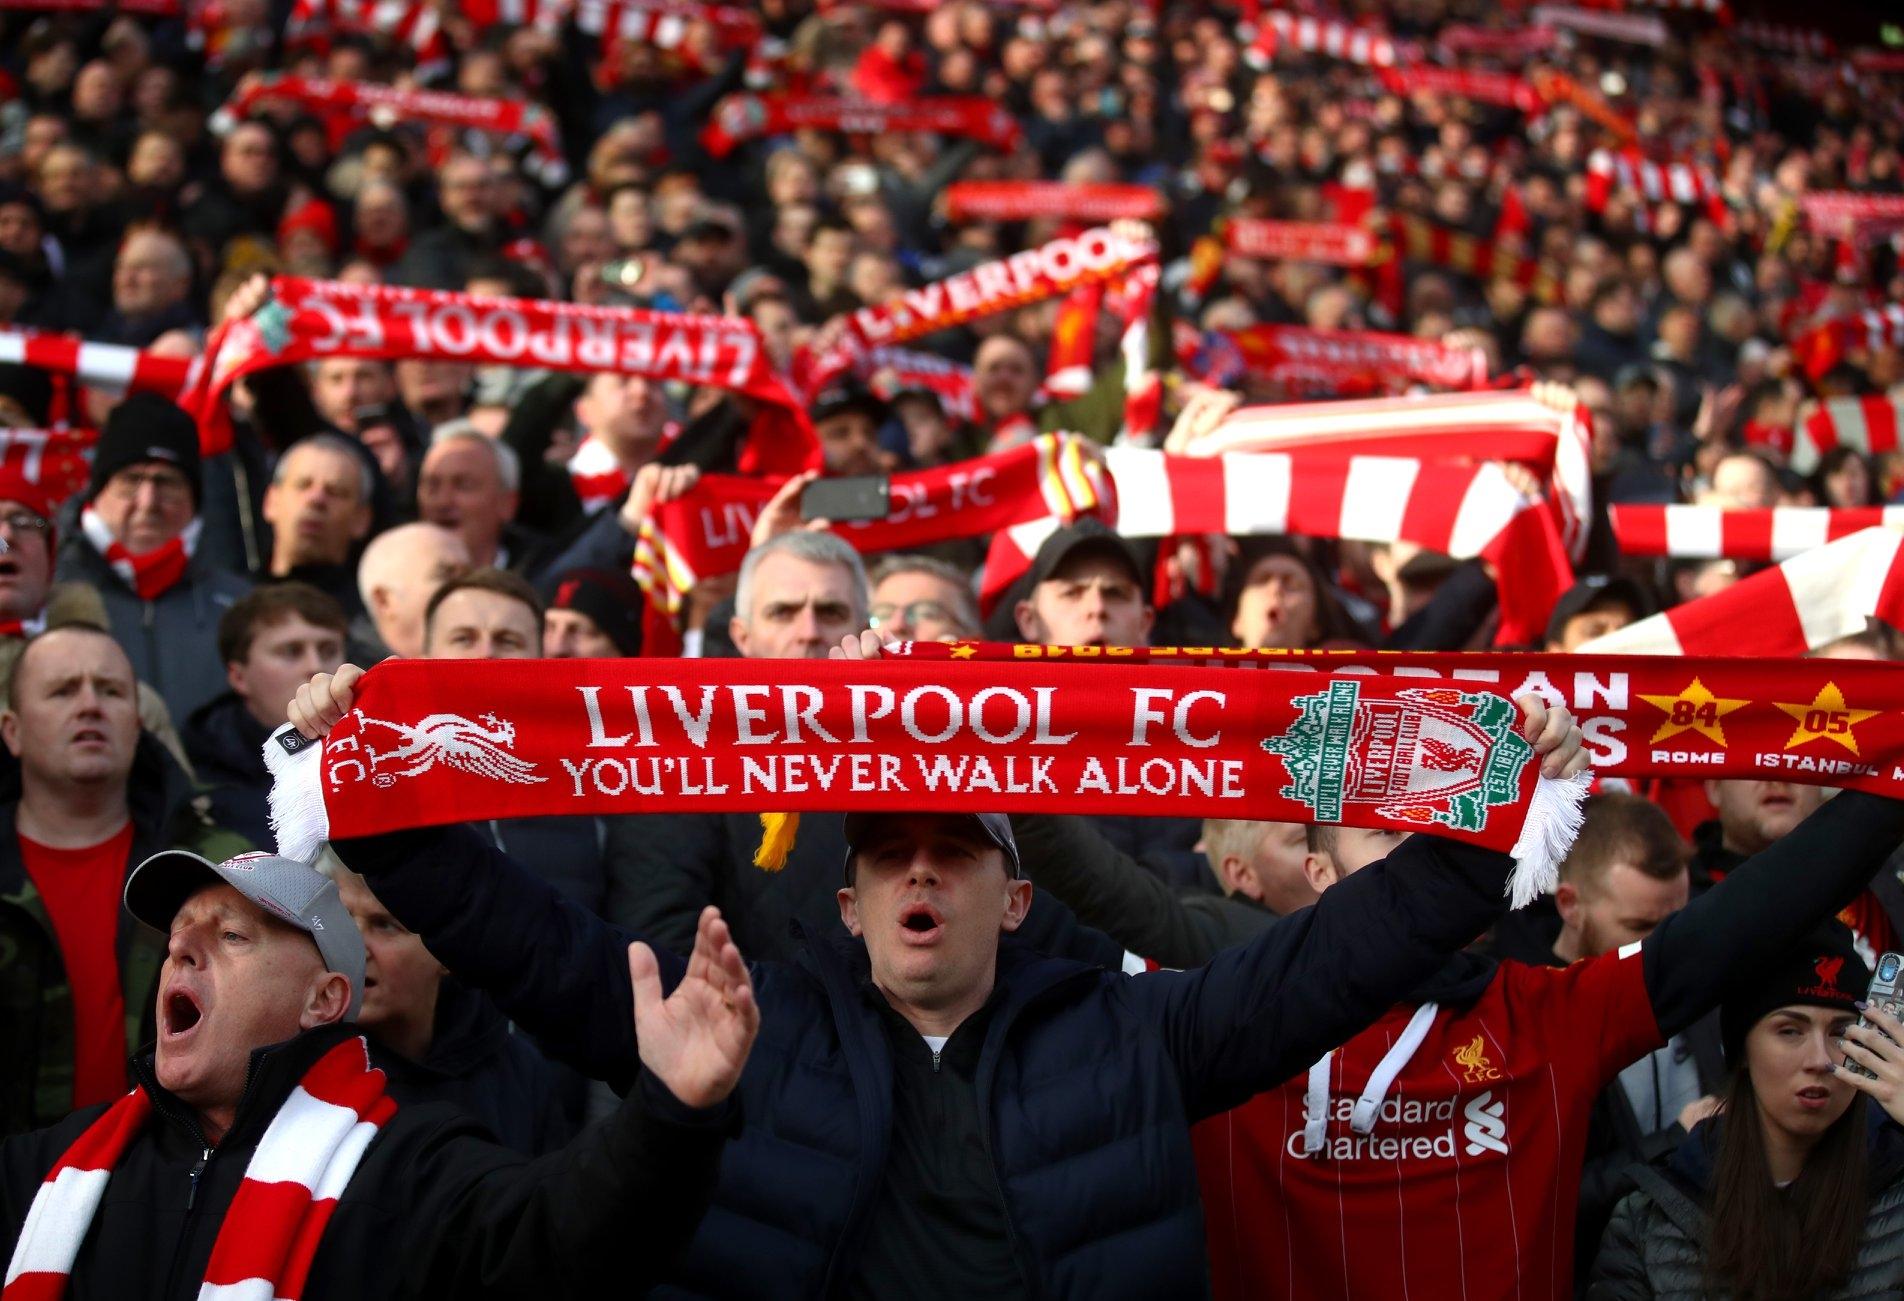 Милионите привърженици на Ливърпул се опасяват, че клубът може и